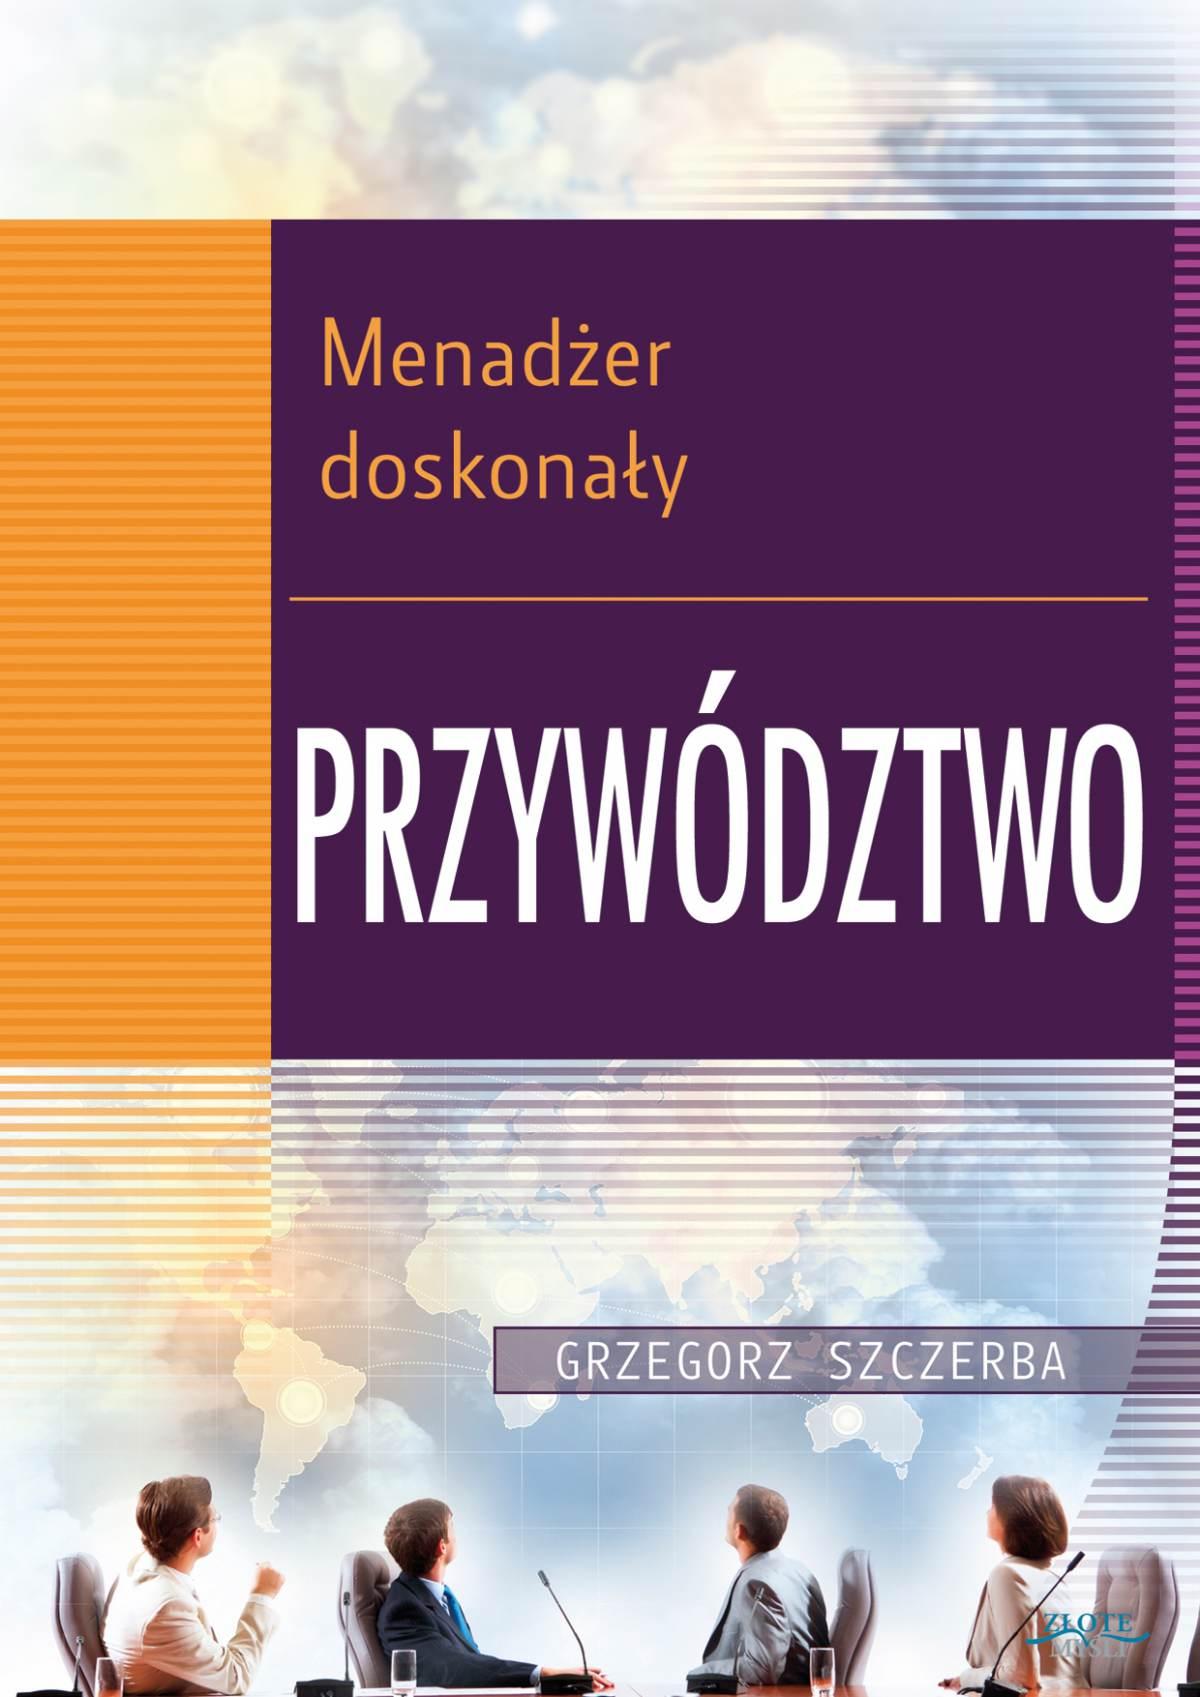 Menadżer doskonały. Przywództwo - Ebook (Książka PDF) do pobrania w formacie PDF